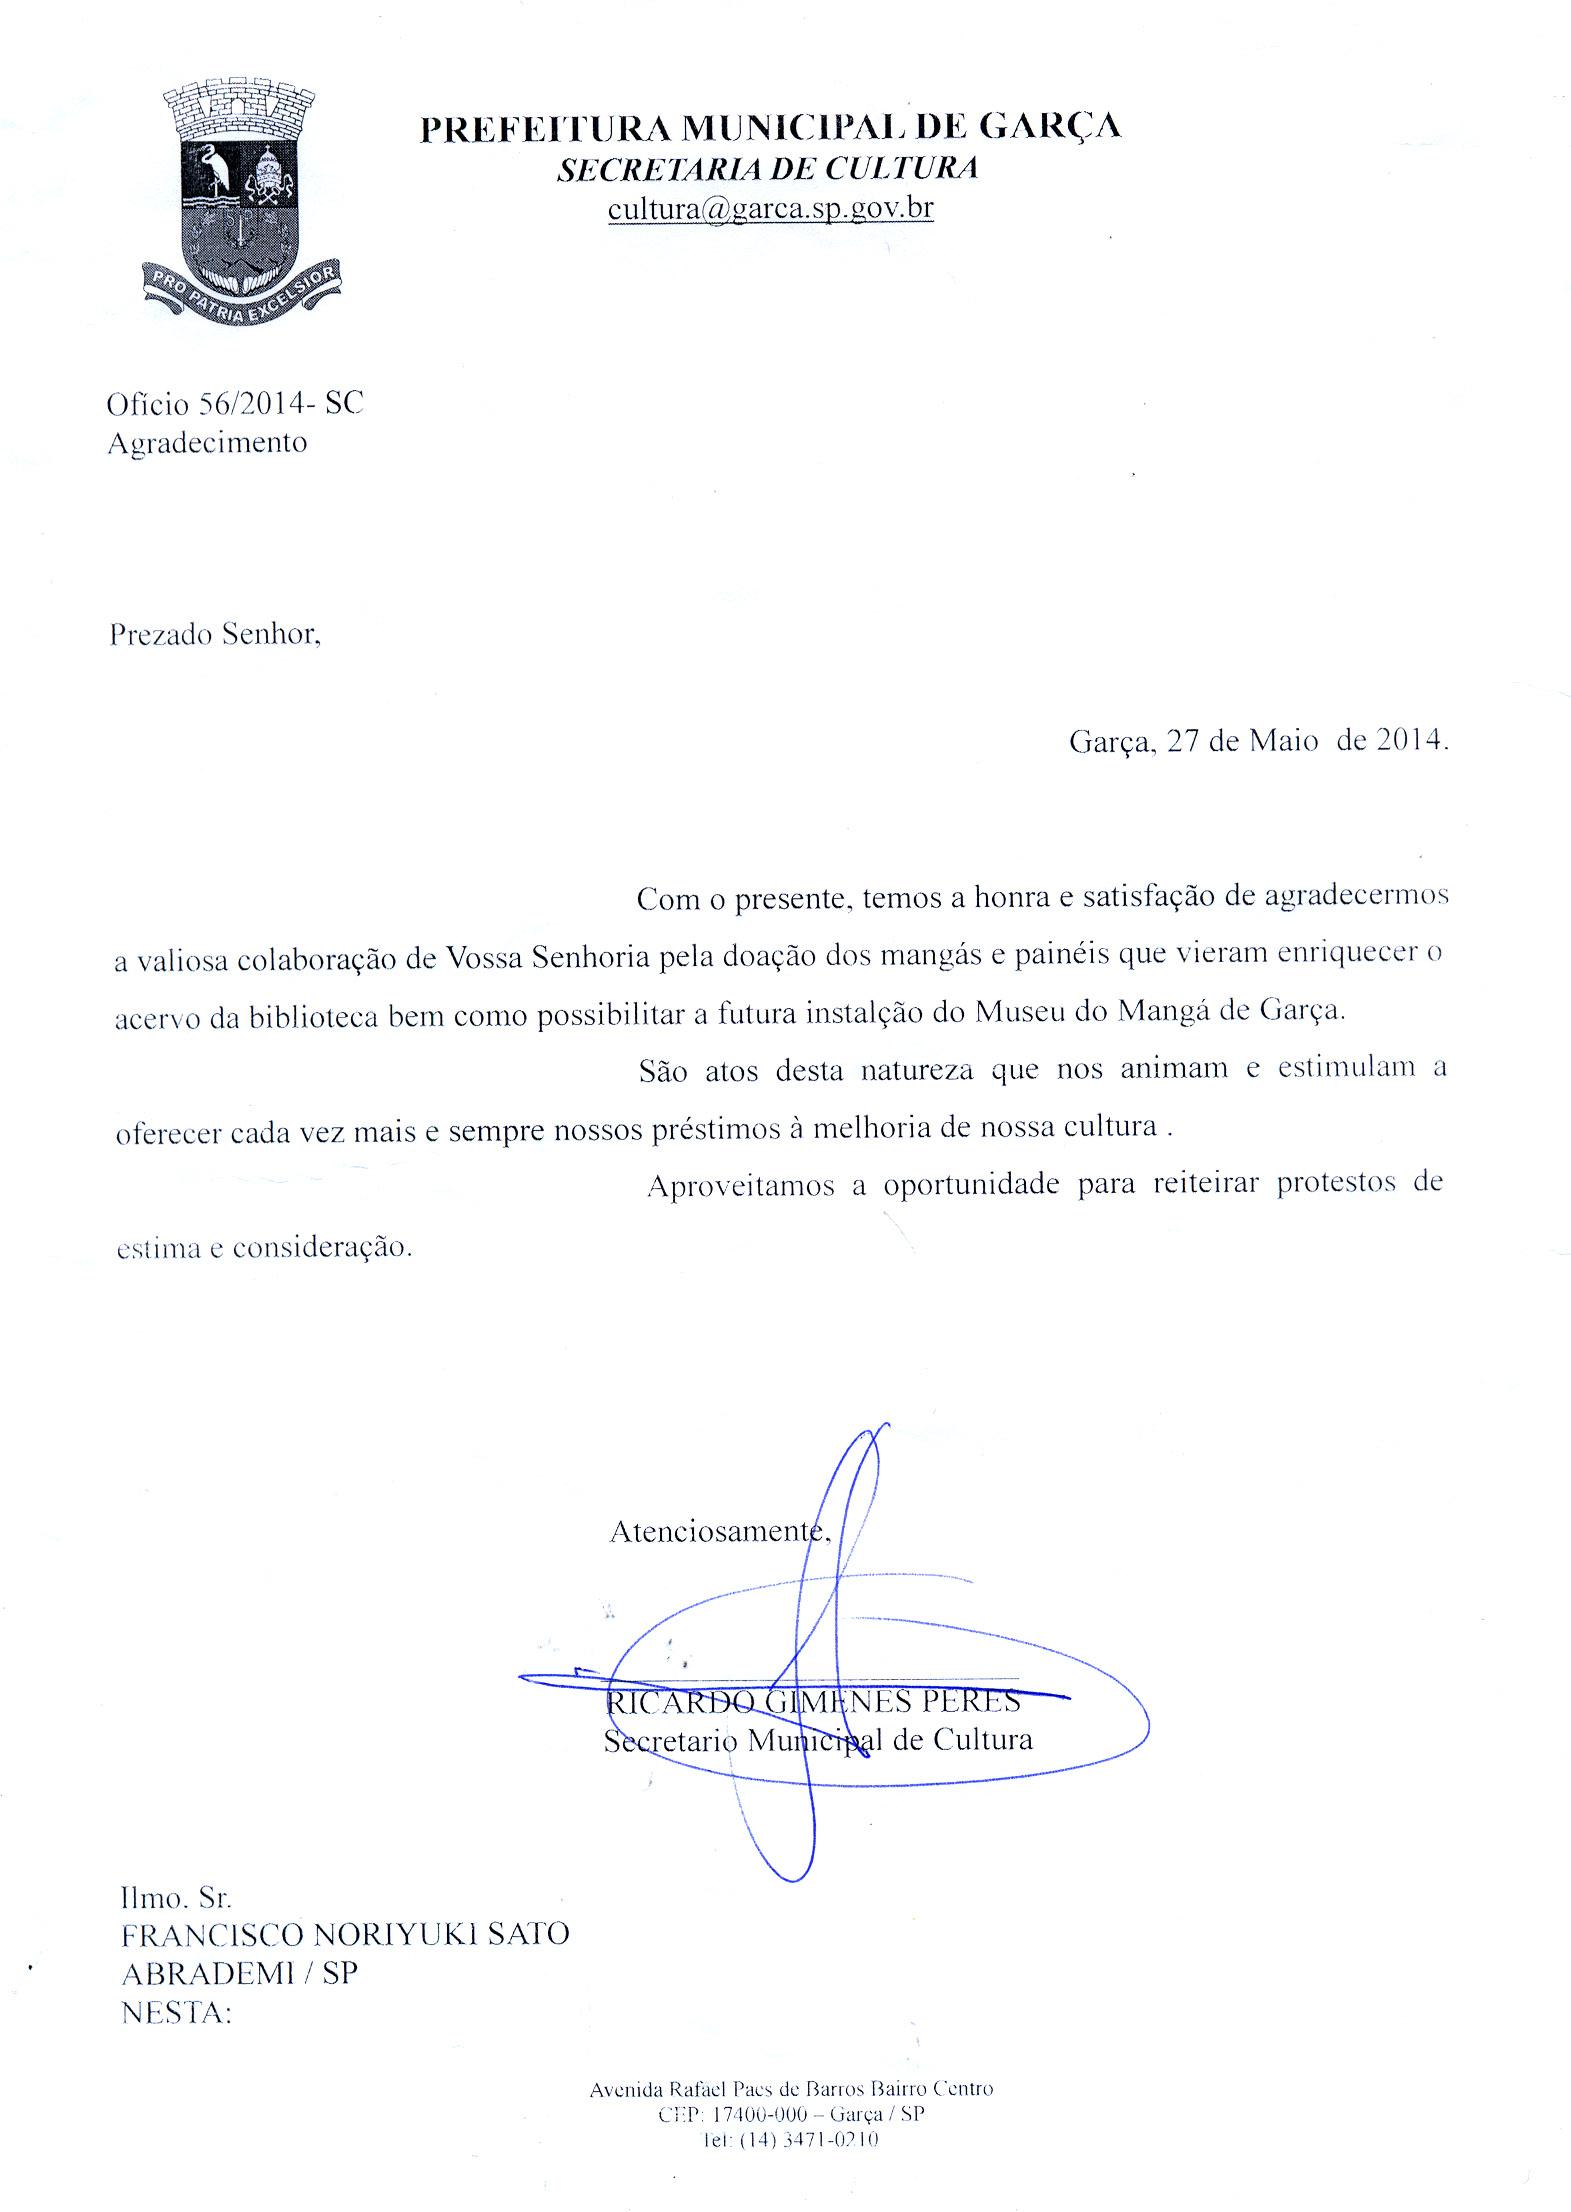 museu do manga Brasil carta